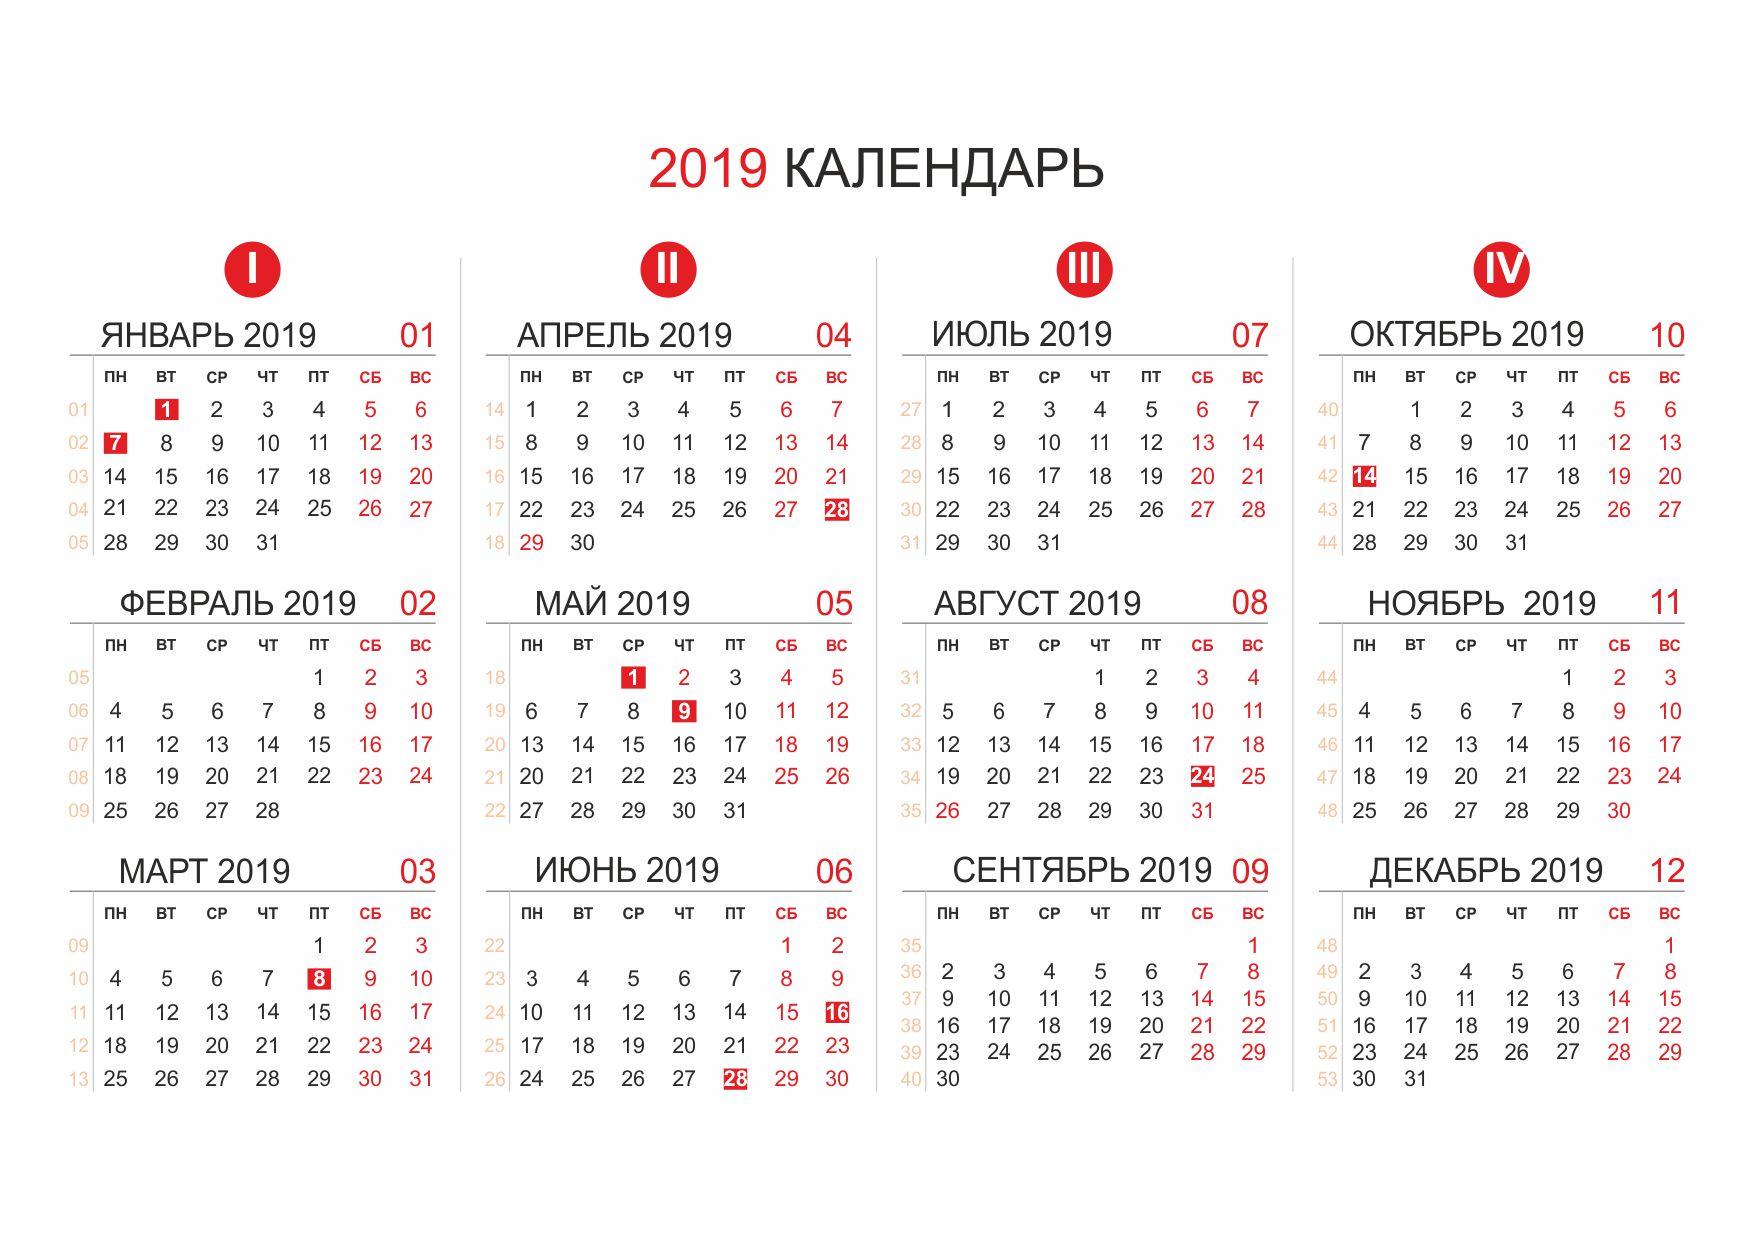 Календарная сетка 2019 разбитая поквартально